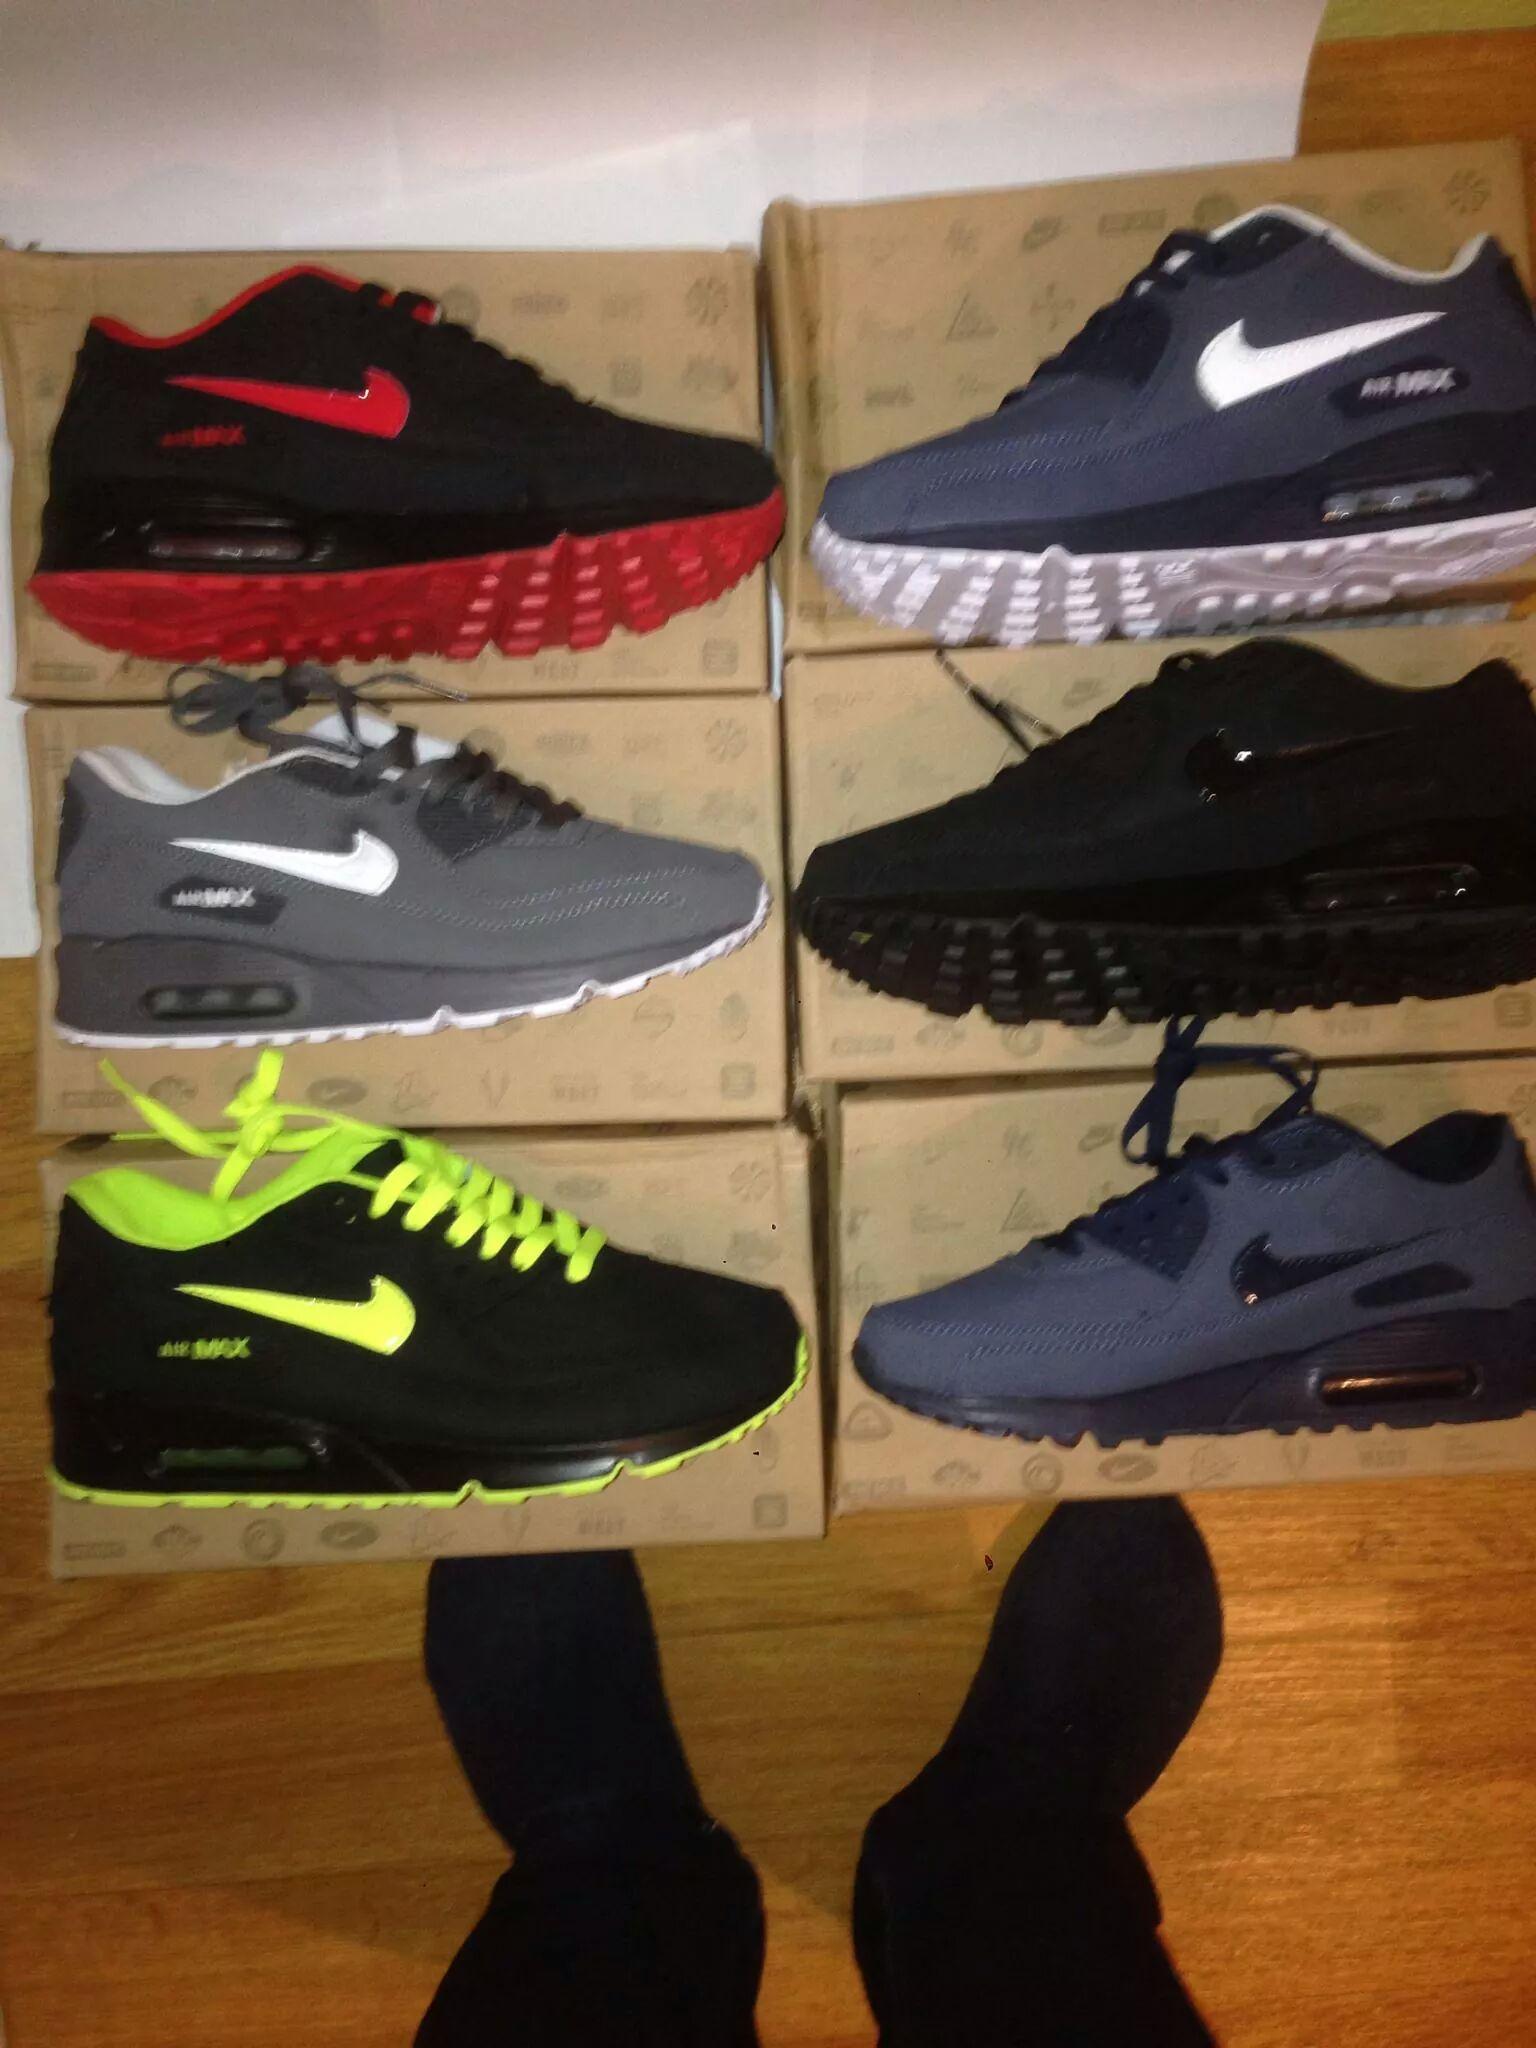 Nike Schuhe Rote Sohle